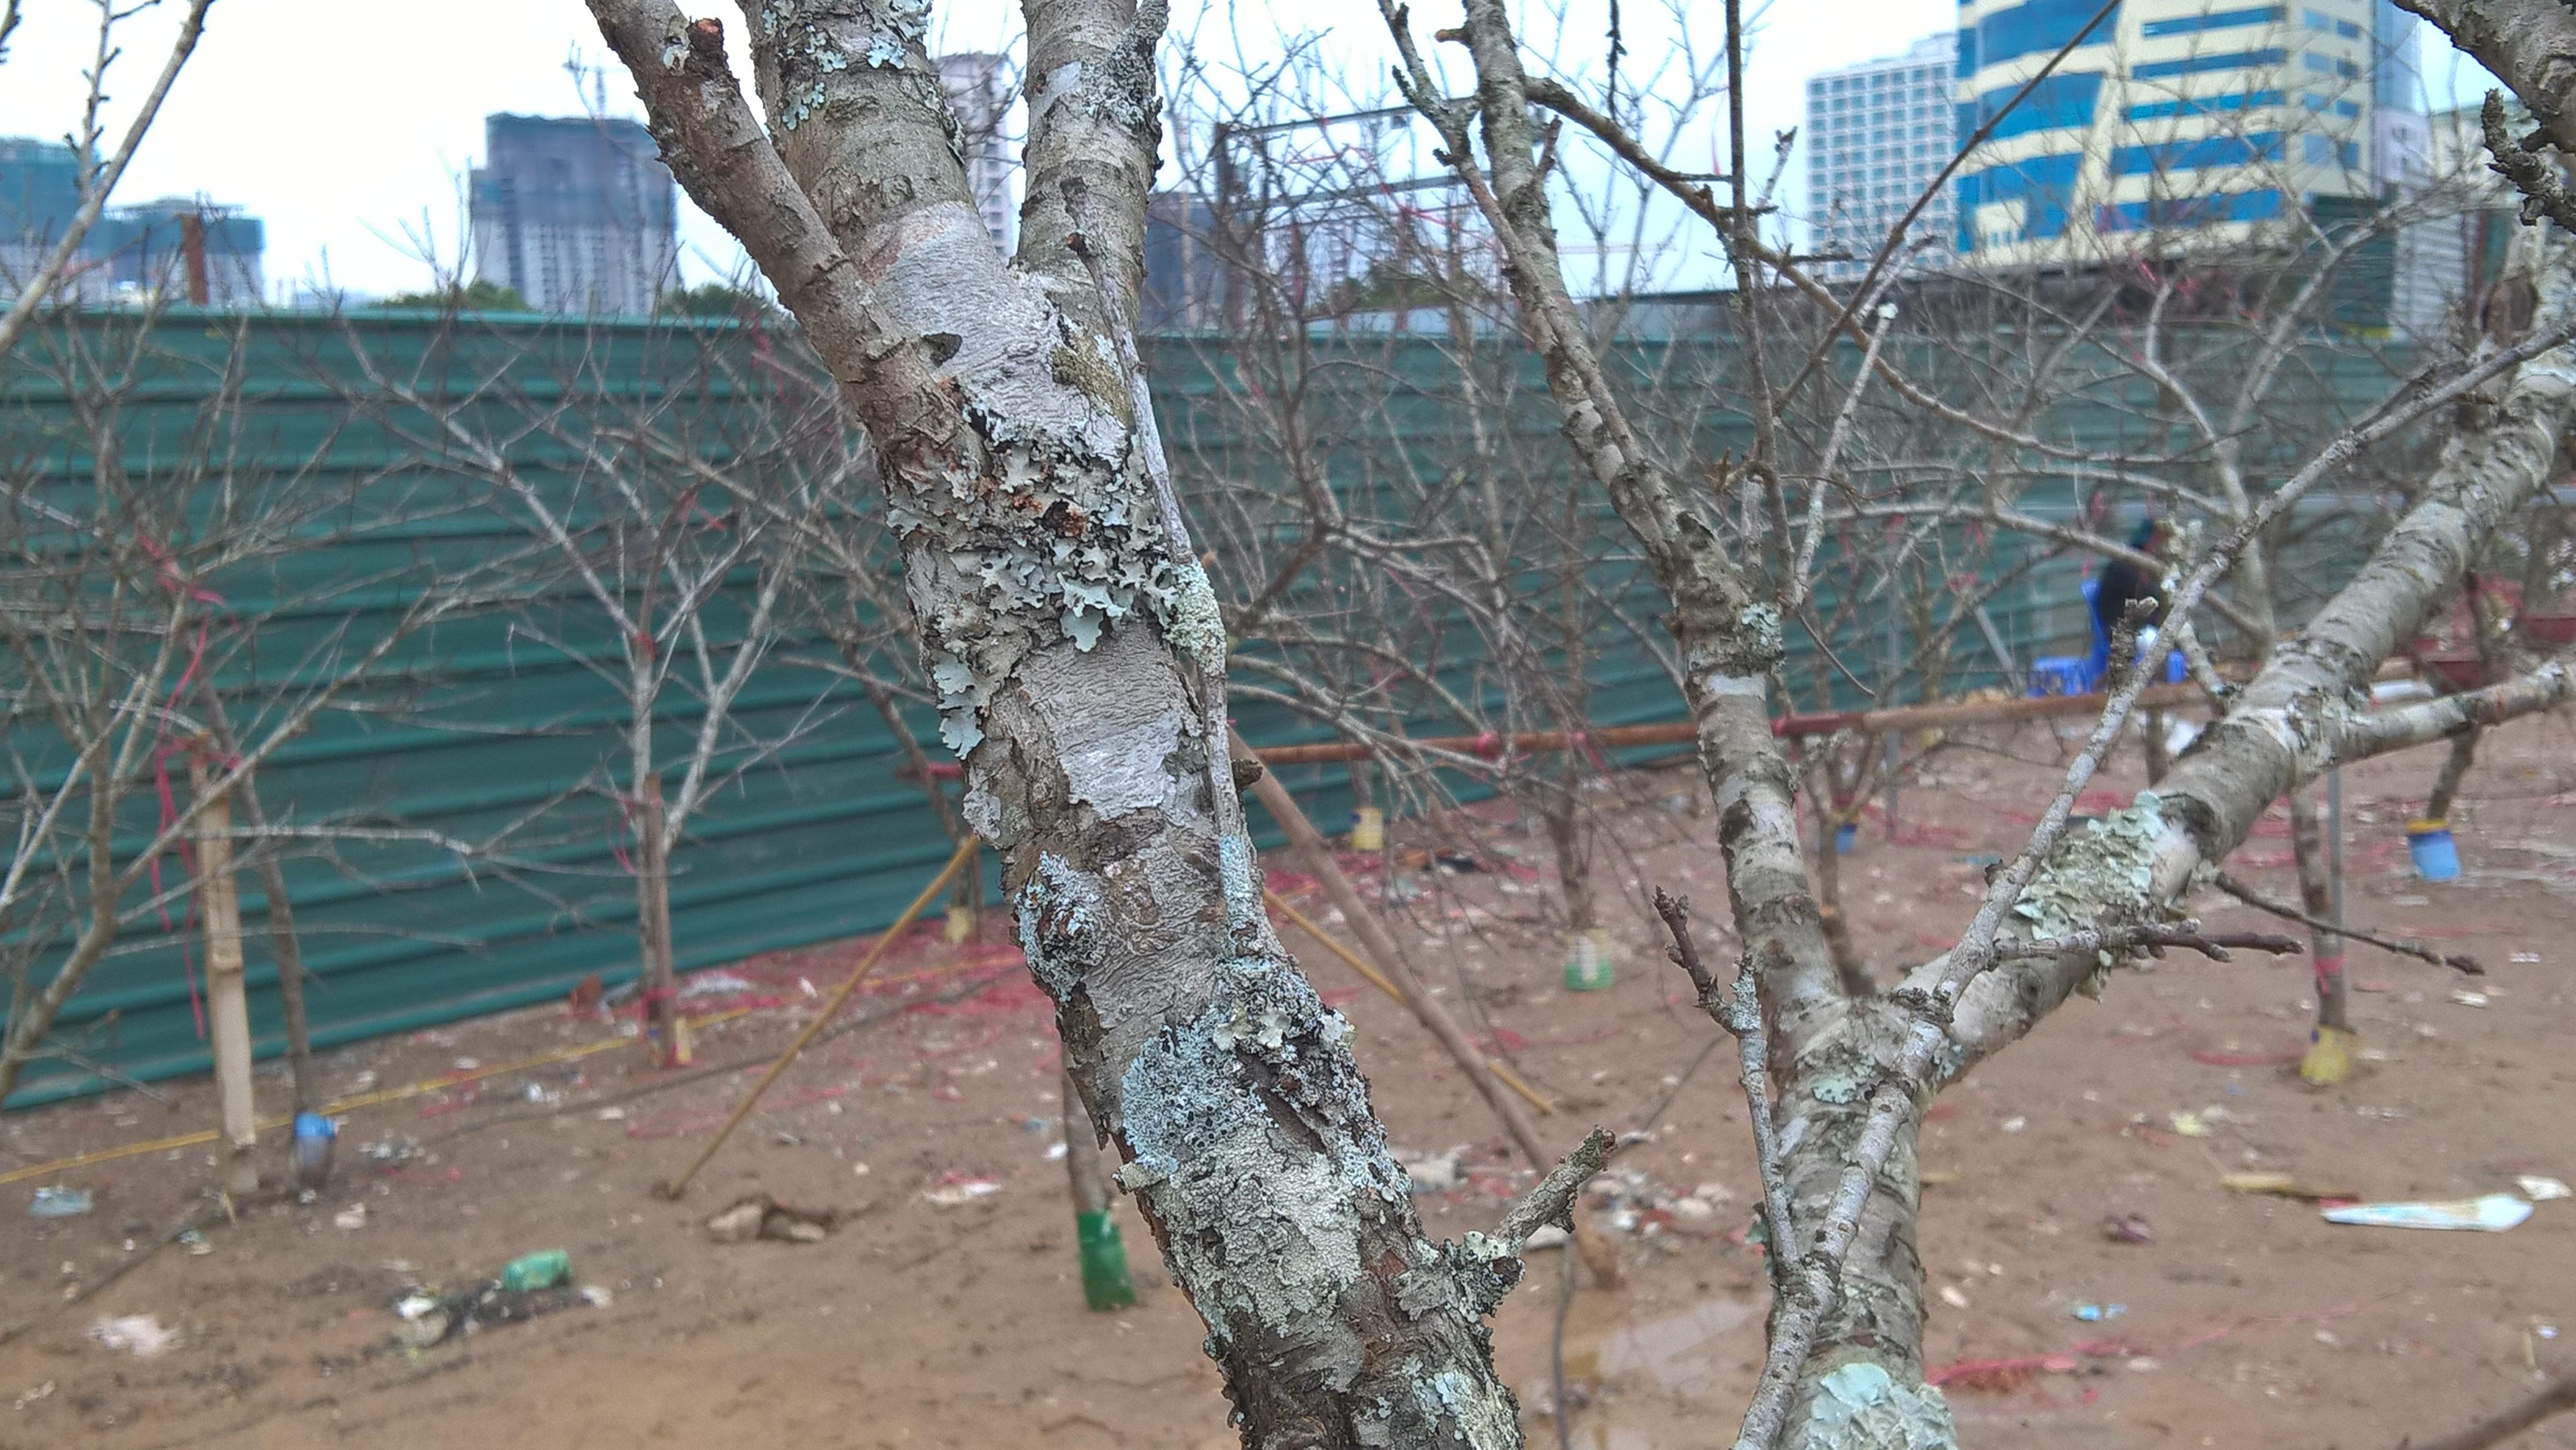 Tại Hà Nội, hầu hết hội hoa xuân nào cũng có gian trưng bày đào rừng, mơ núi. Giá của những loại cây cảnh này nằm ở yếu tố tự nhiên. Dù có người tẩy chay vì hoạt động khai thác đào rừng, mơ rừng đang phá hủy hệ sinh thái và môi trường nhưng cận tết mấy năm gần đây, loại cây này ngày càng xuất hiện nhiều ở Hà Nội